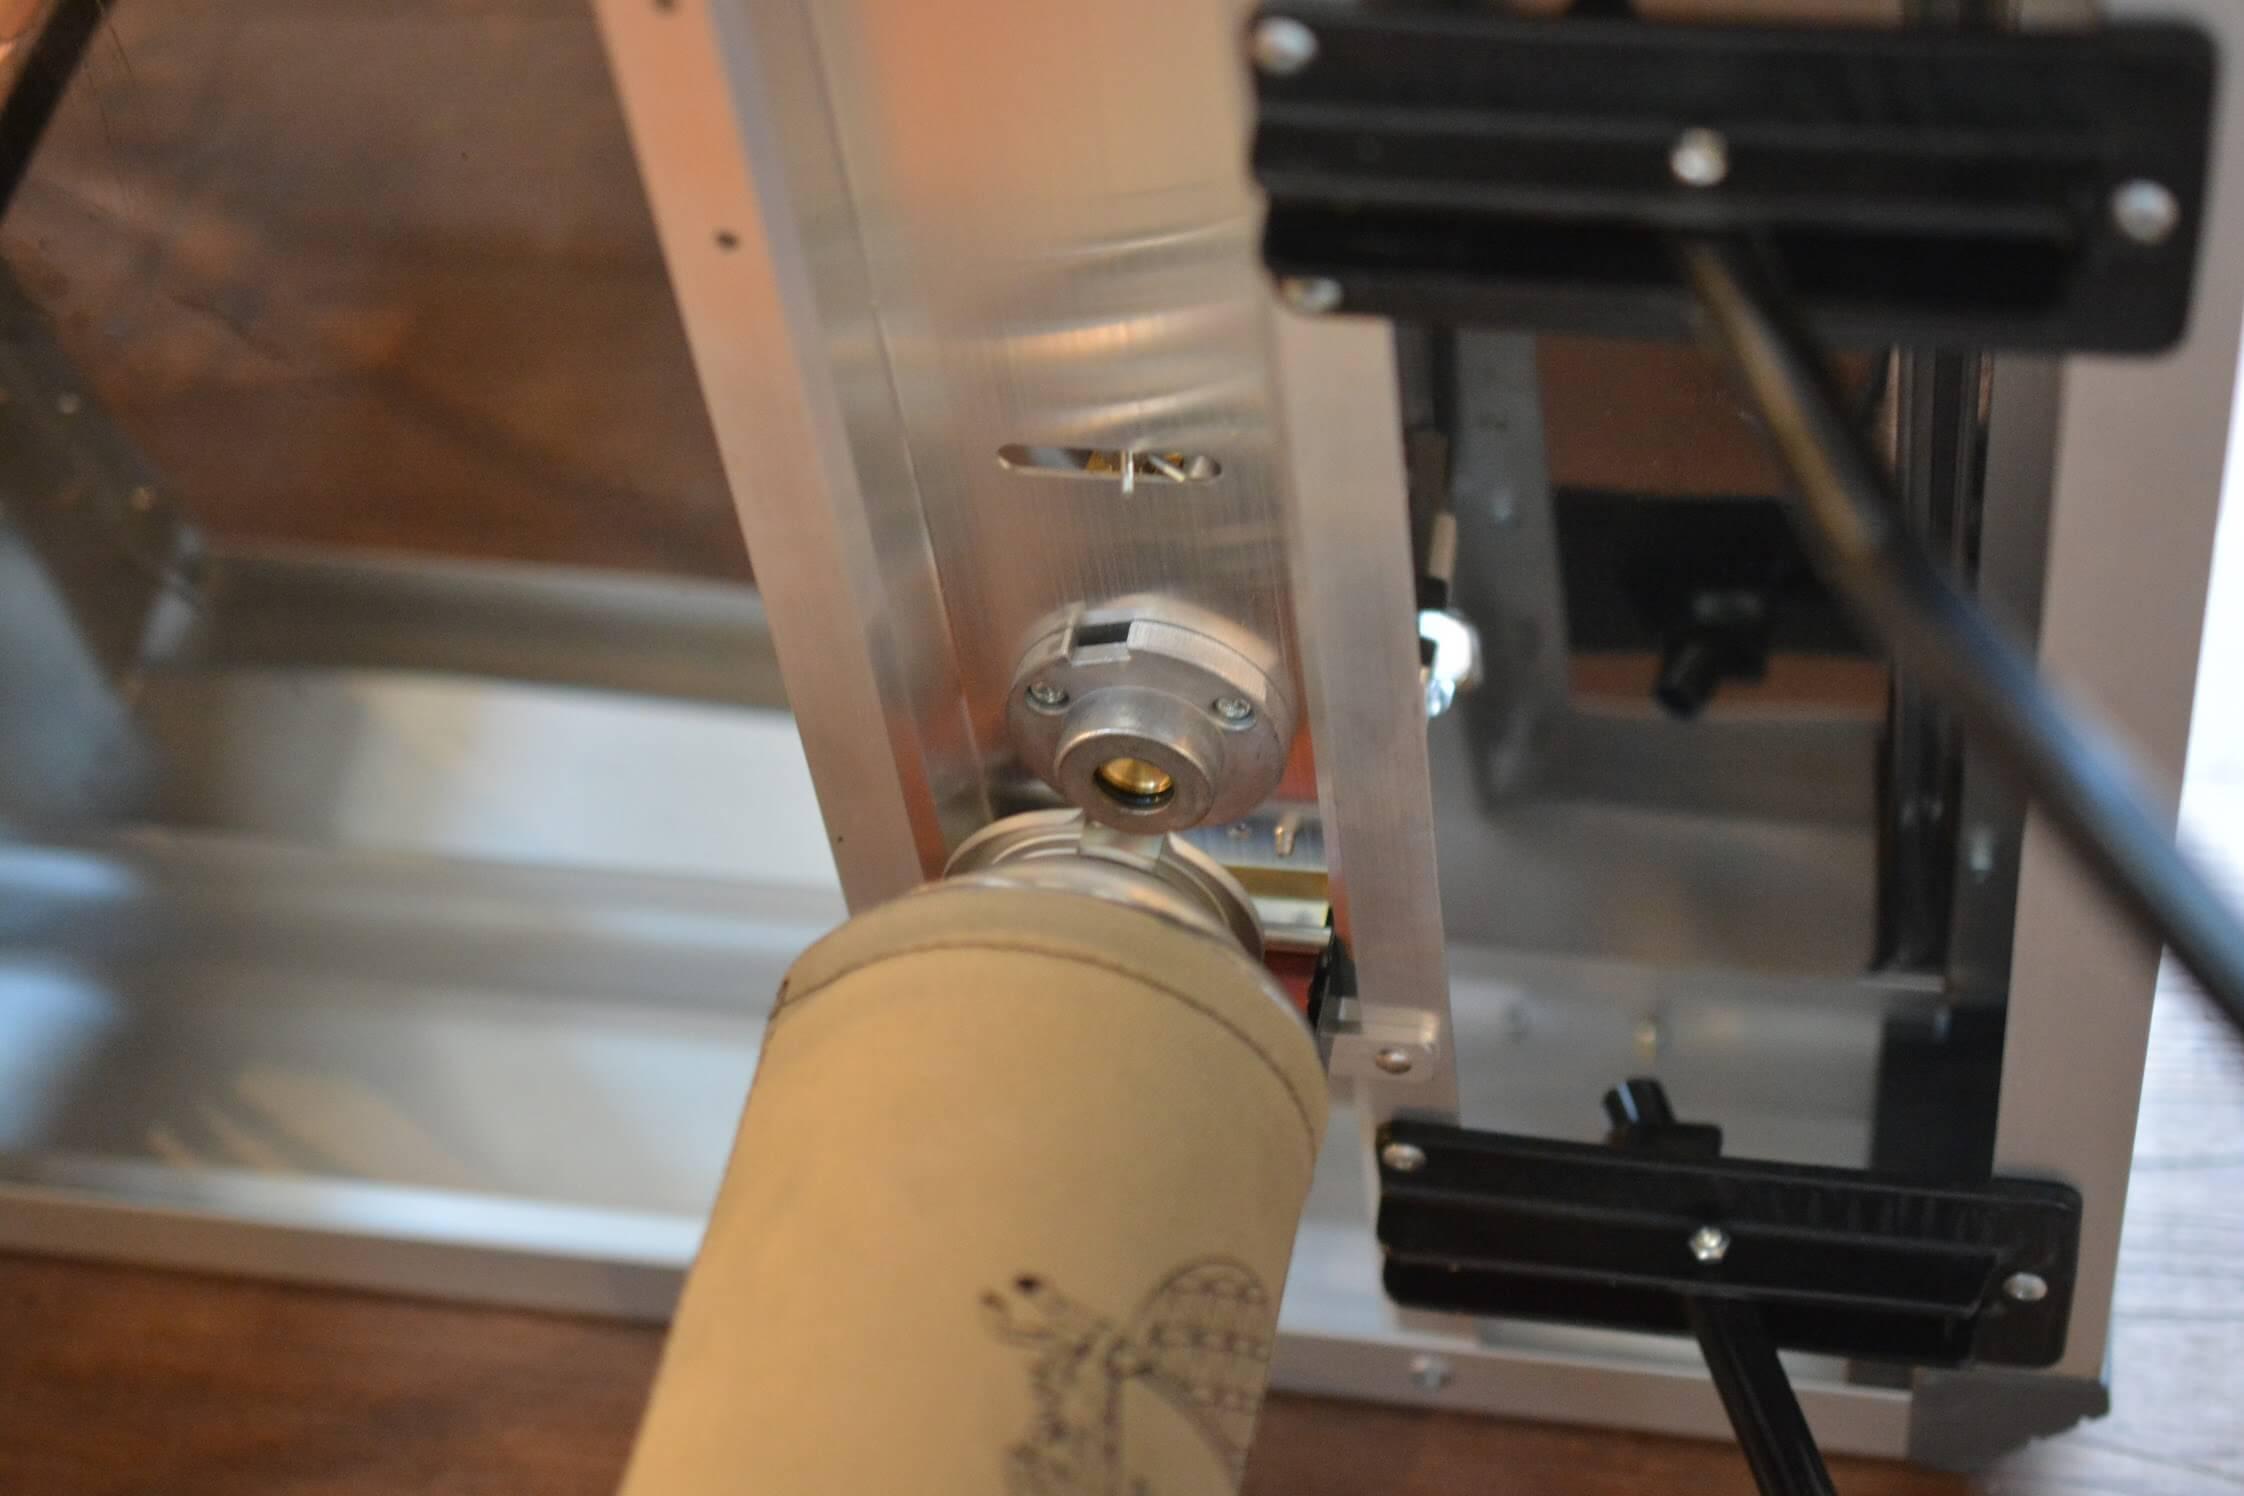 ユニフレーム ツインバーナーUS-1900 CB缶の取り付け方法